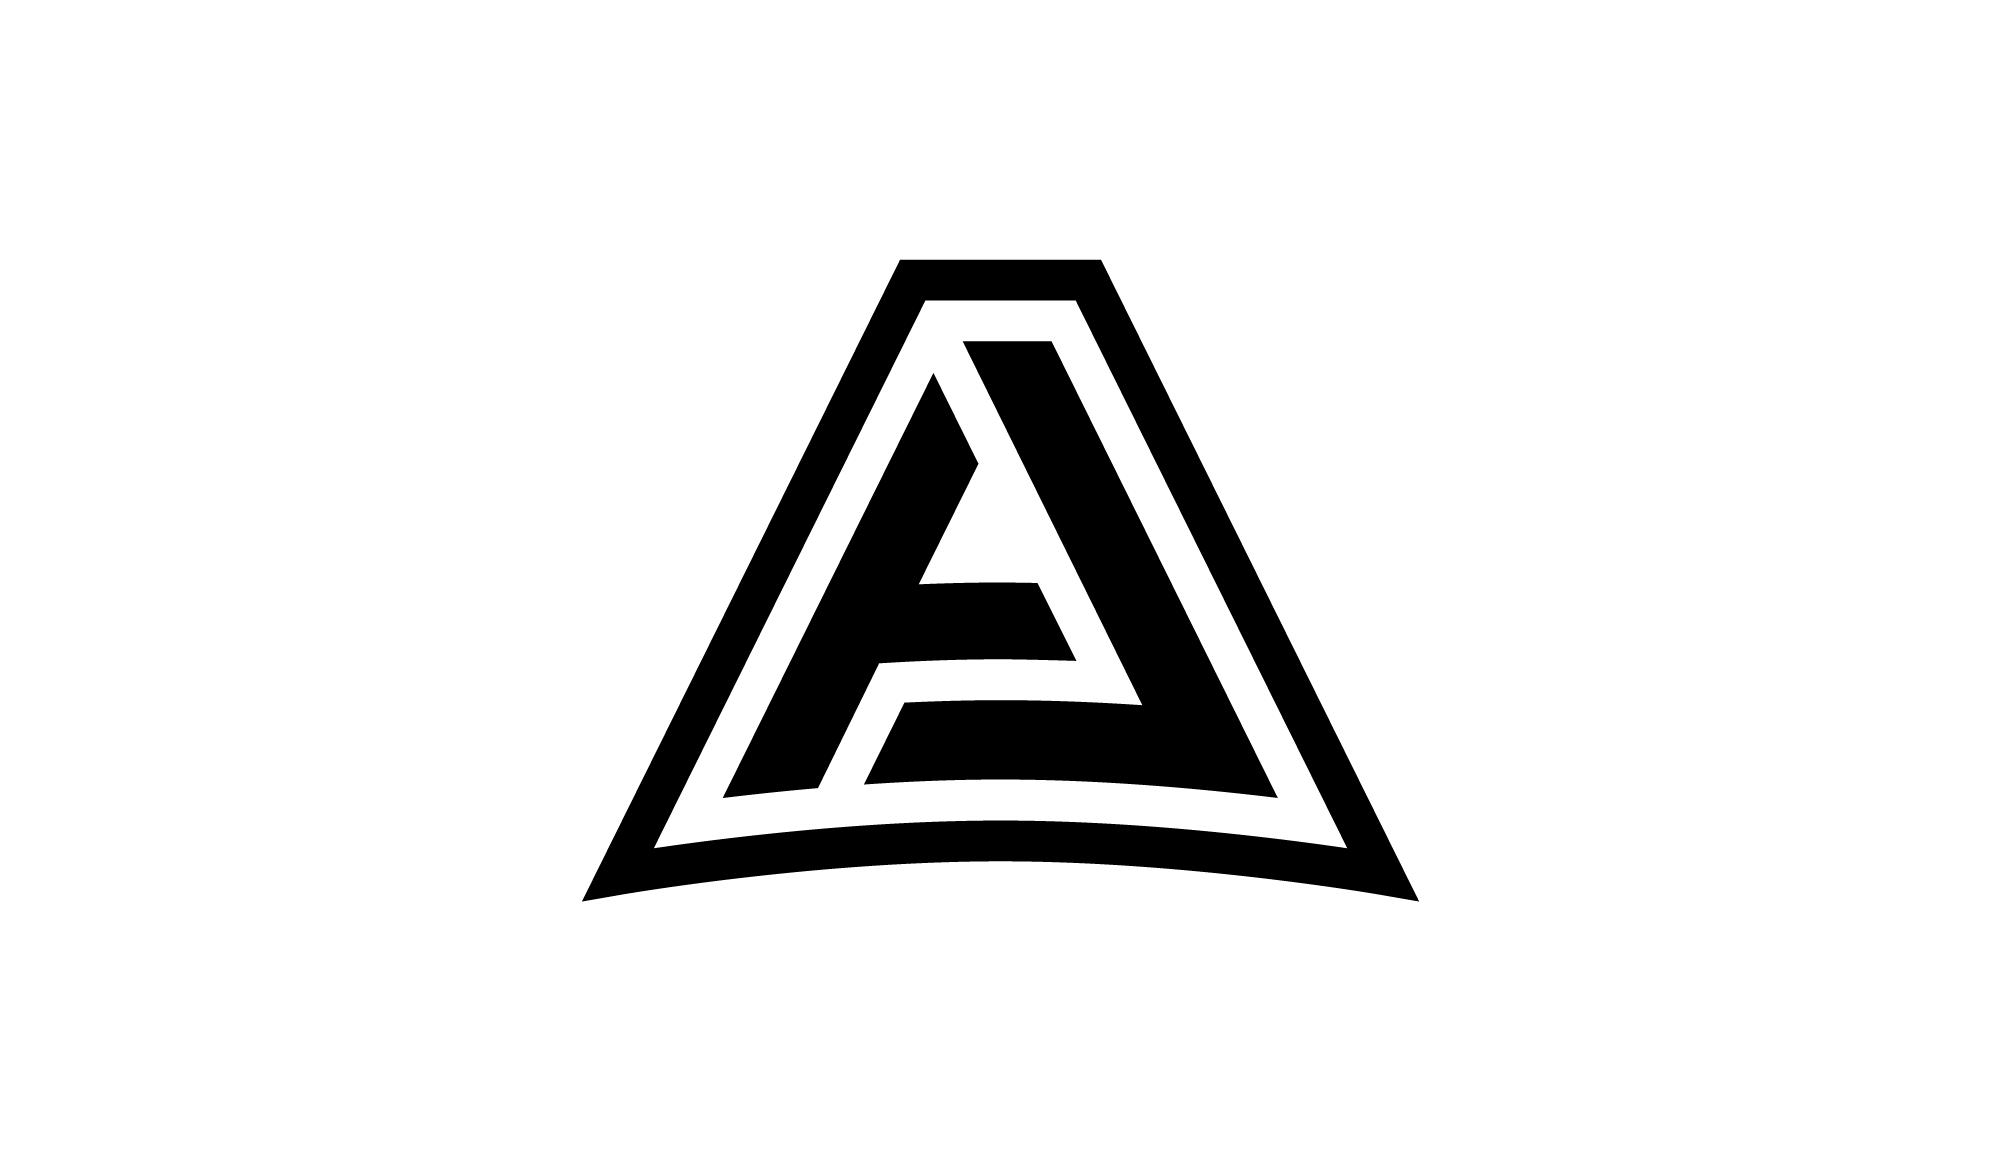 WEB_AJ-2.png